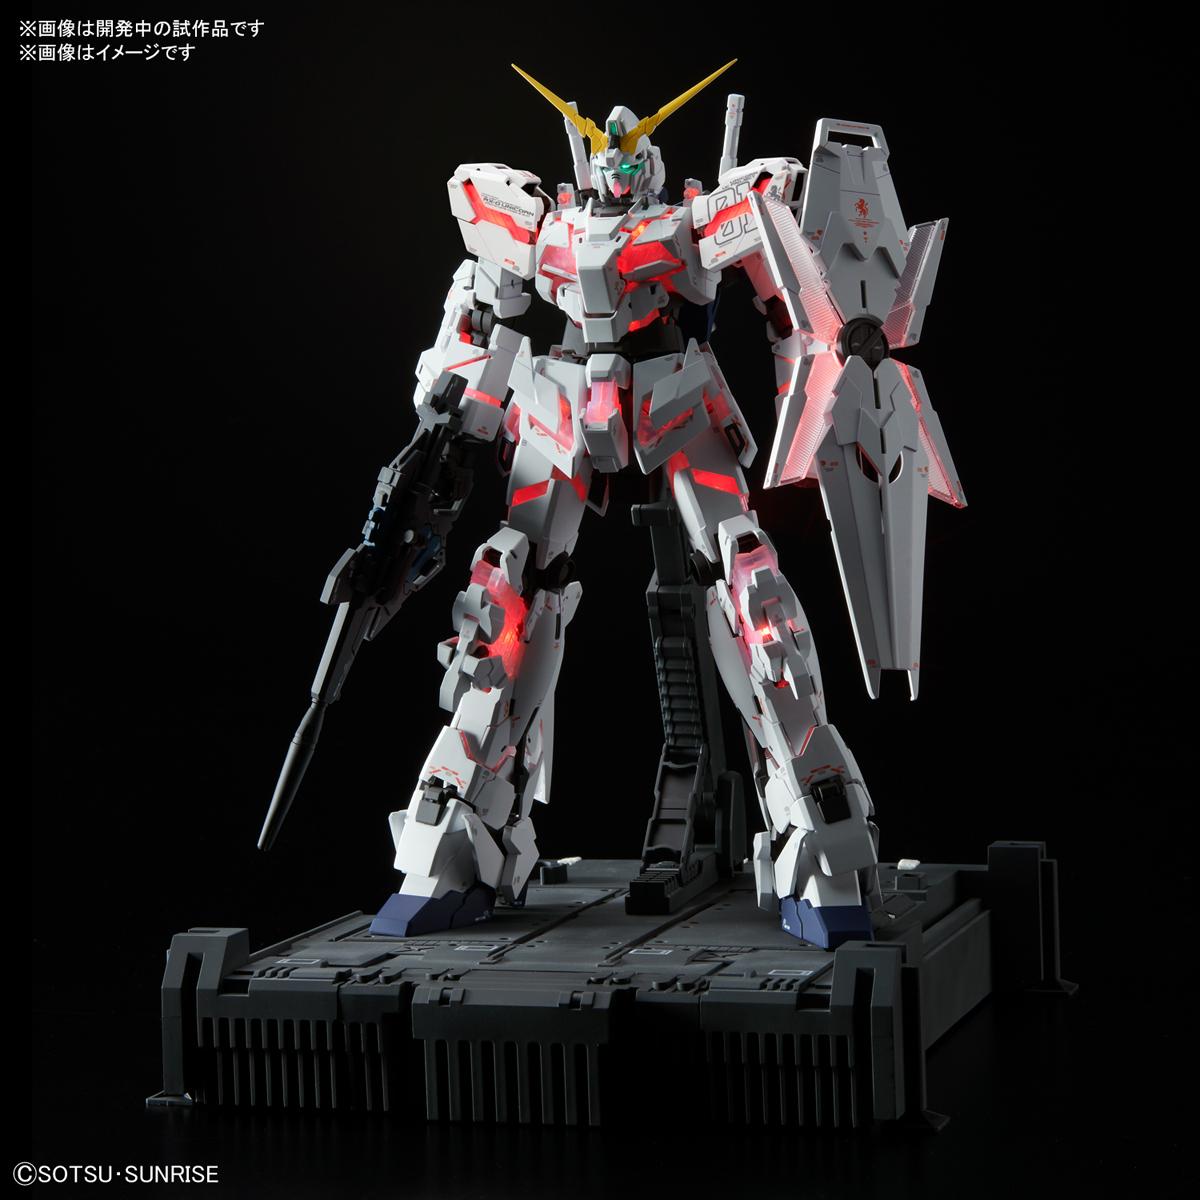 【12月再販】MGEX 1/100『ユニコーンガンダム Ver.Ka』ガンダムUC プラモデル-003